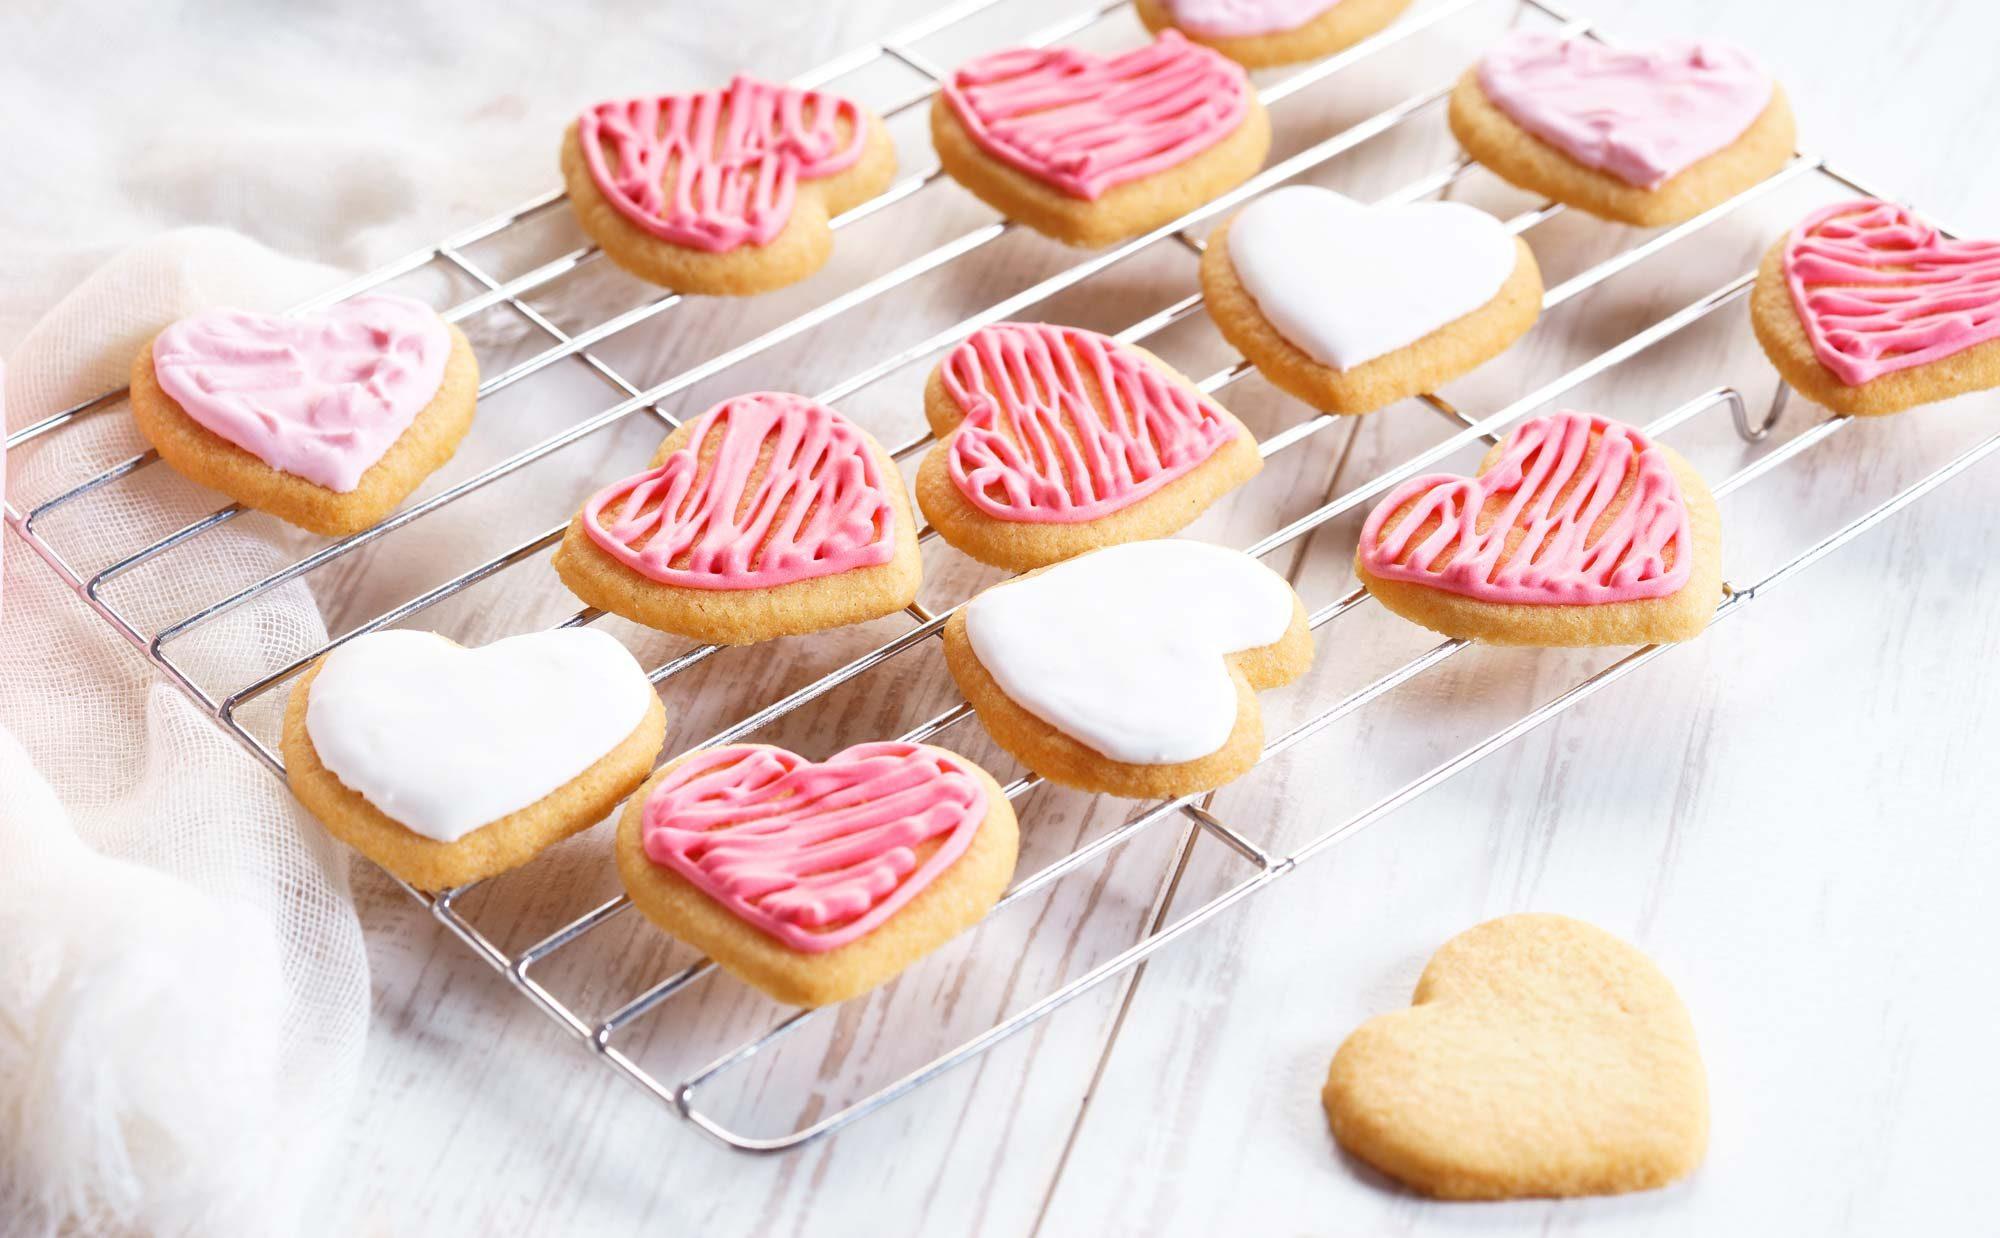 感性を活かせる大人の趣味、アイシングクッキーを自宅で楽しむには